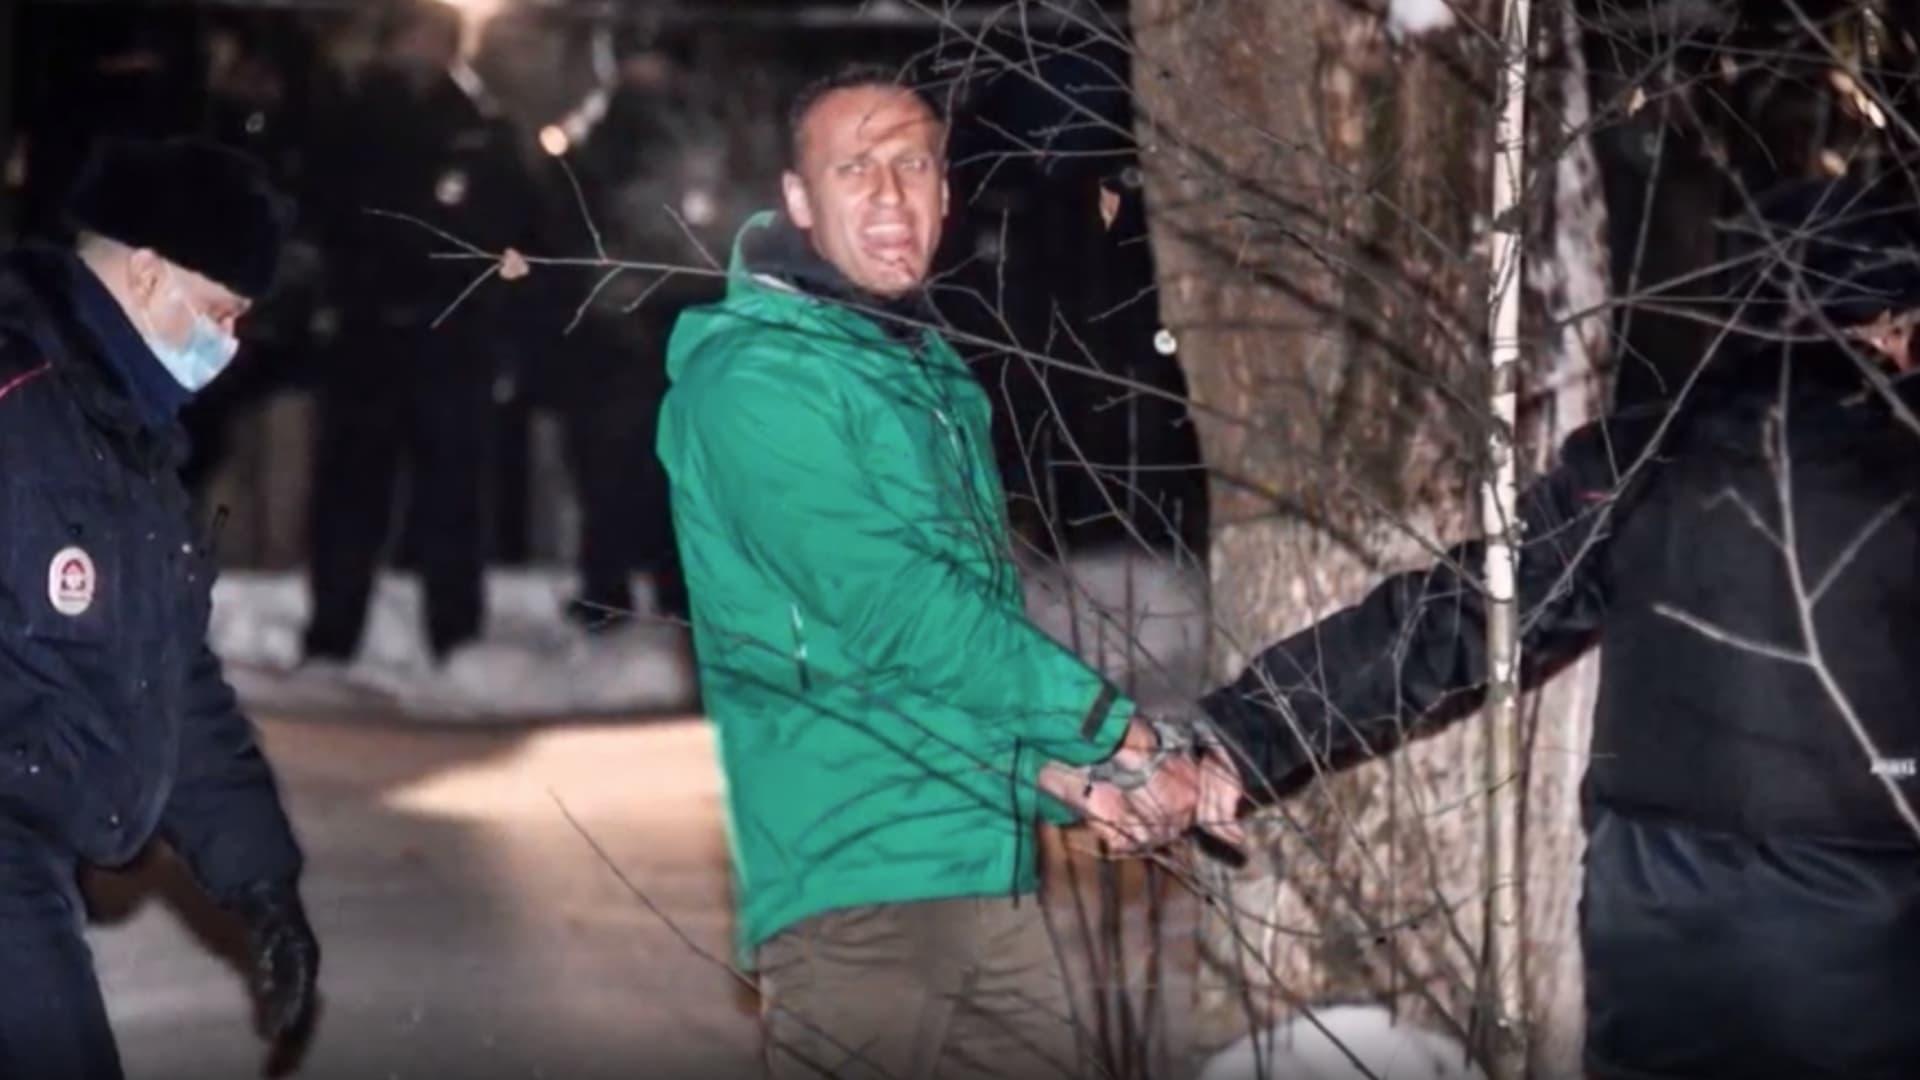 السلطات الروسية تنقل زعيم المعارضة أليكسي نافالني إلى مكان مجهول